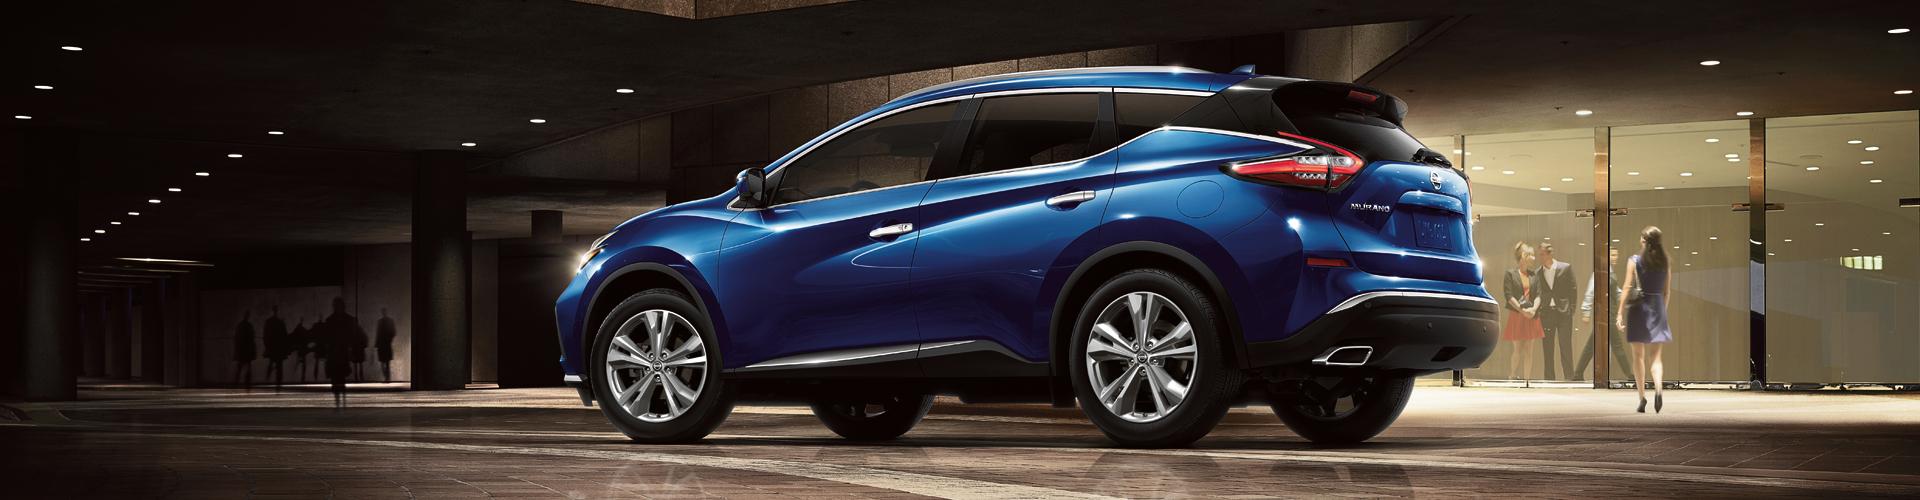 2021 Nissan Murano Exterior Design - Blue